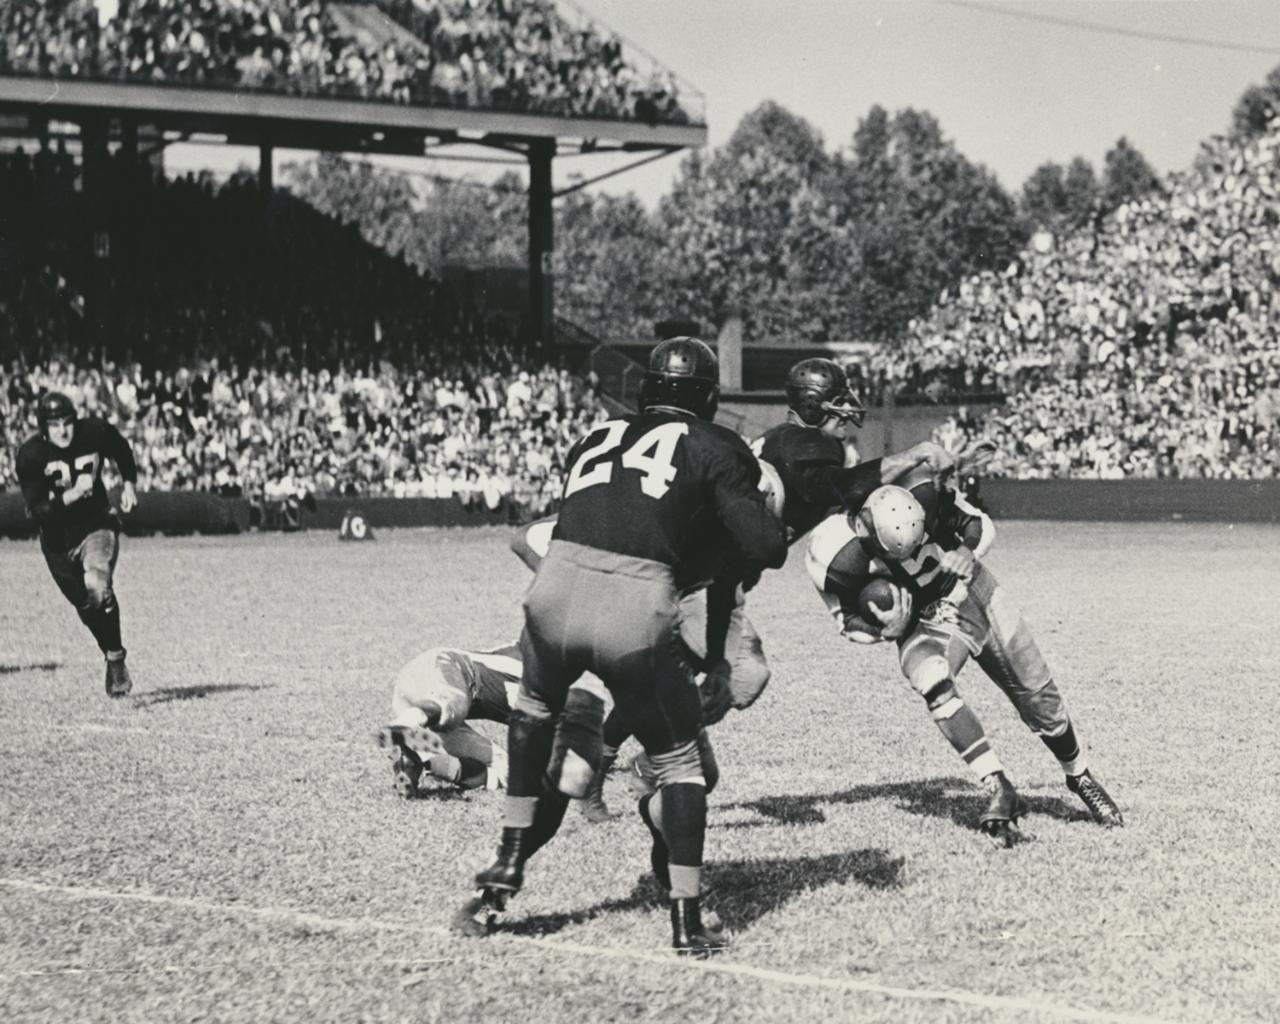 Philadelphia (Steve Van Buren carrying the ball) at